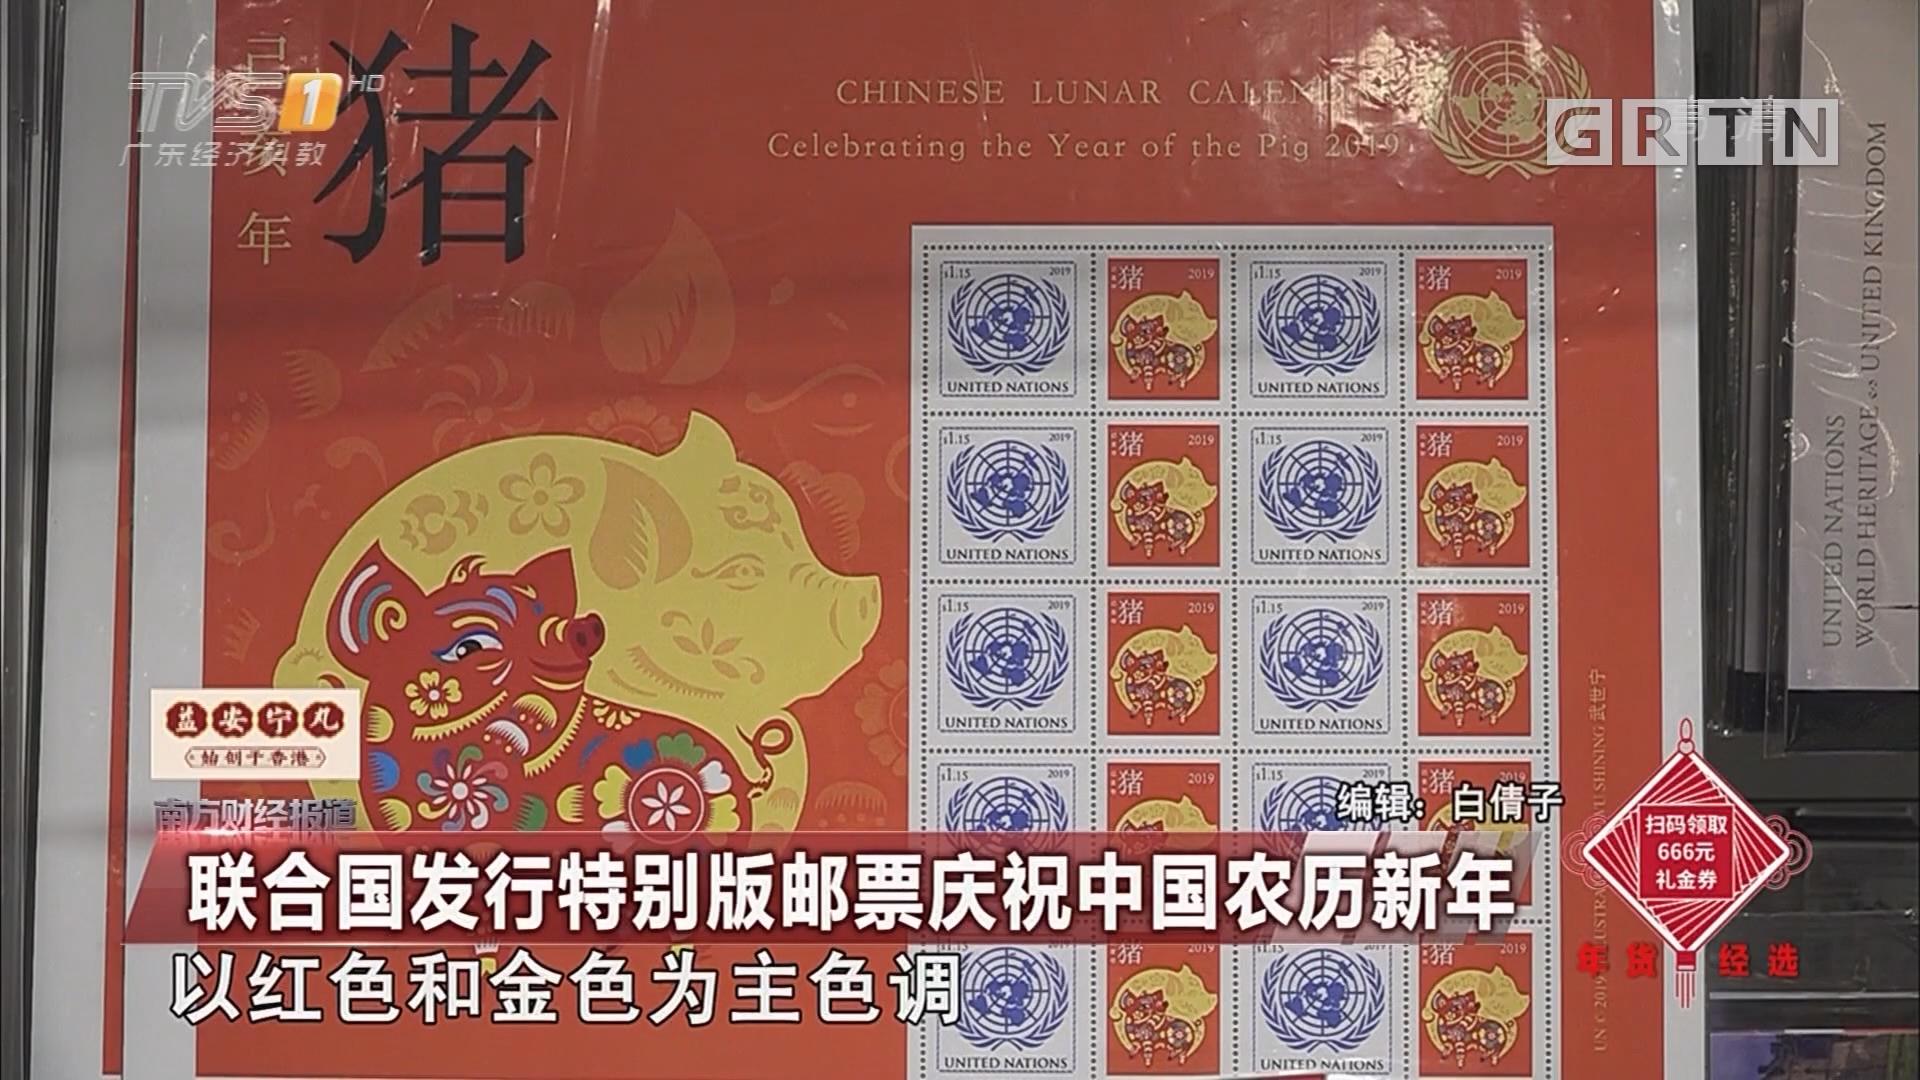 联合国发行特别版邮票庆祝中国农历新年